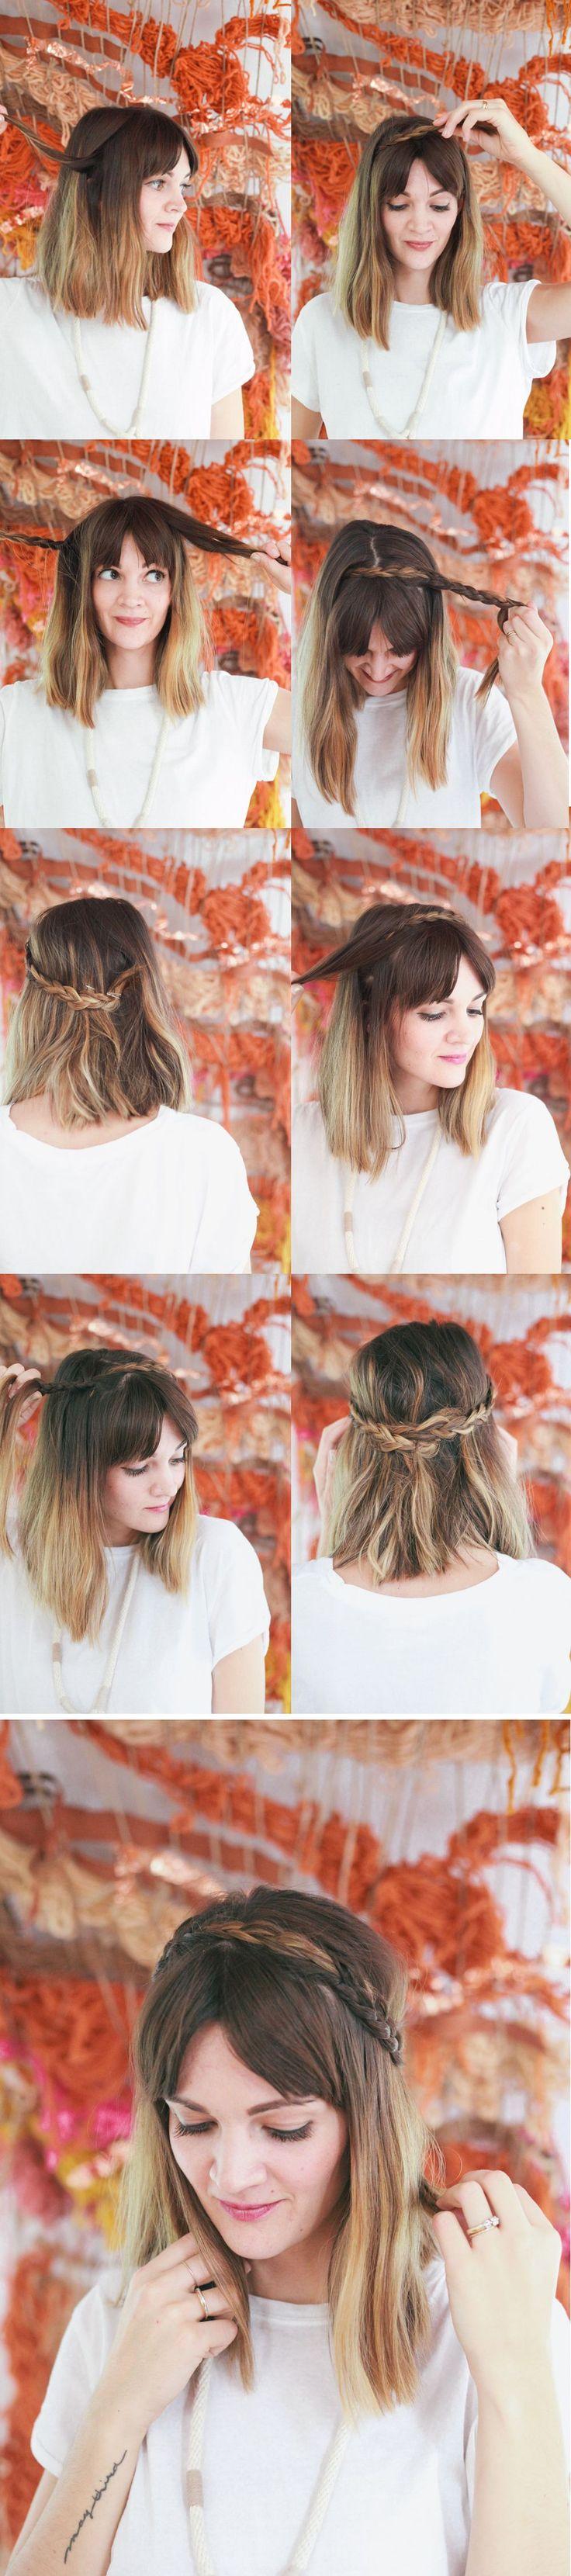 best new hair images on pinterest